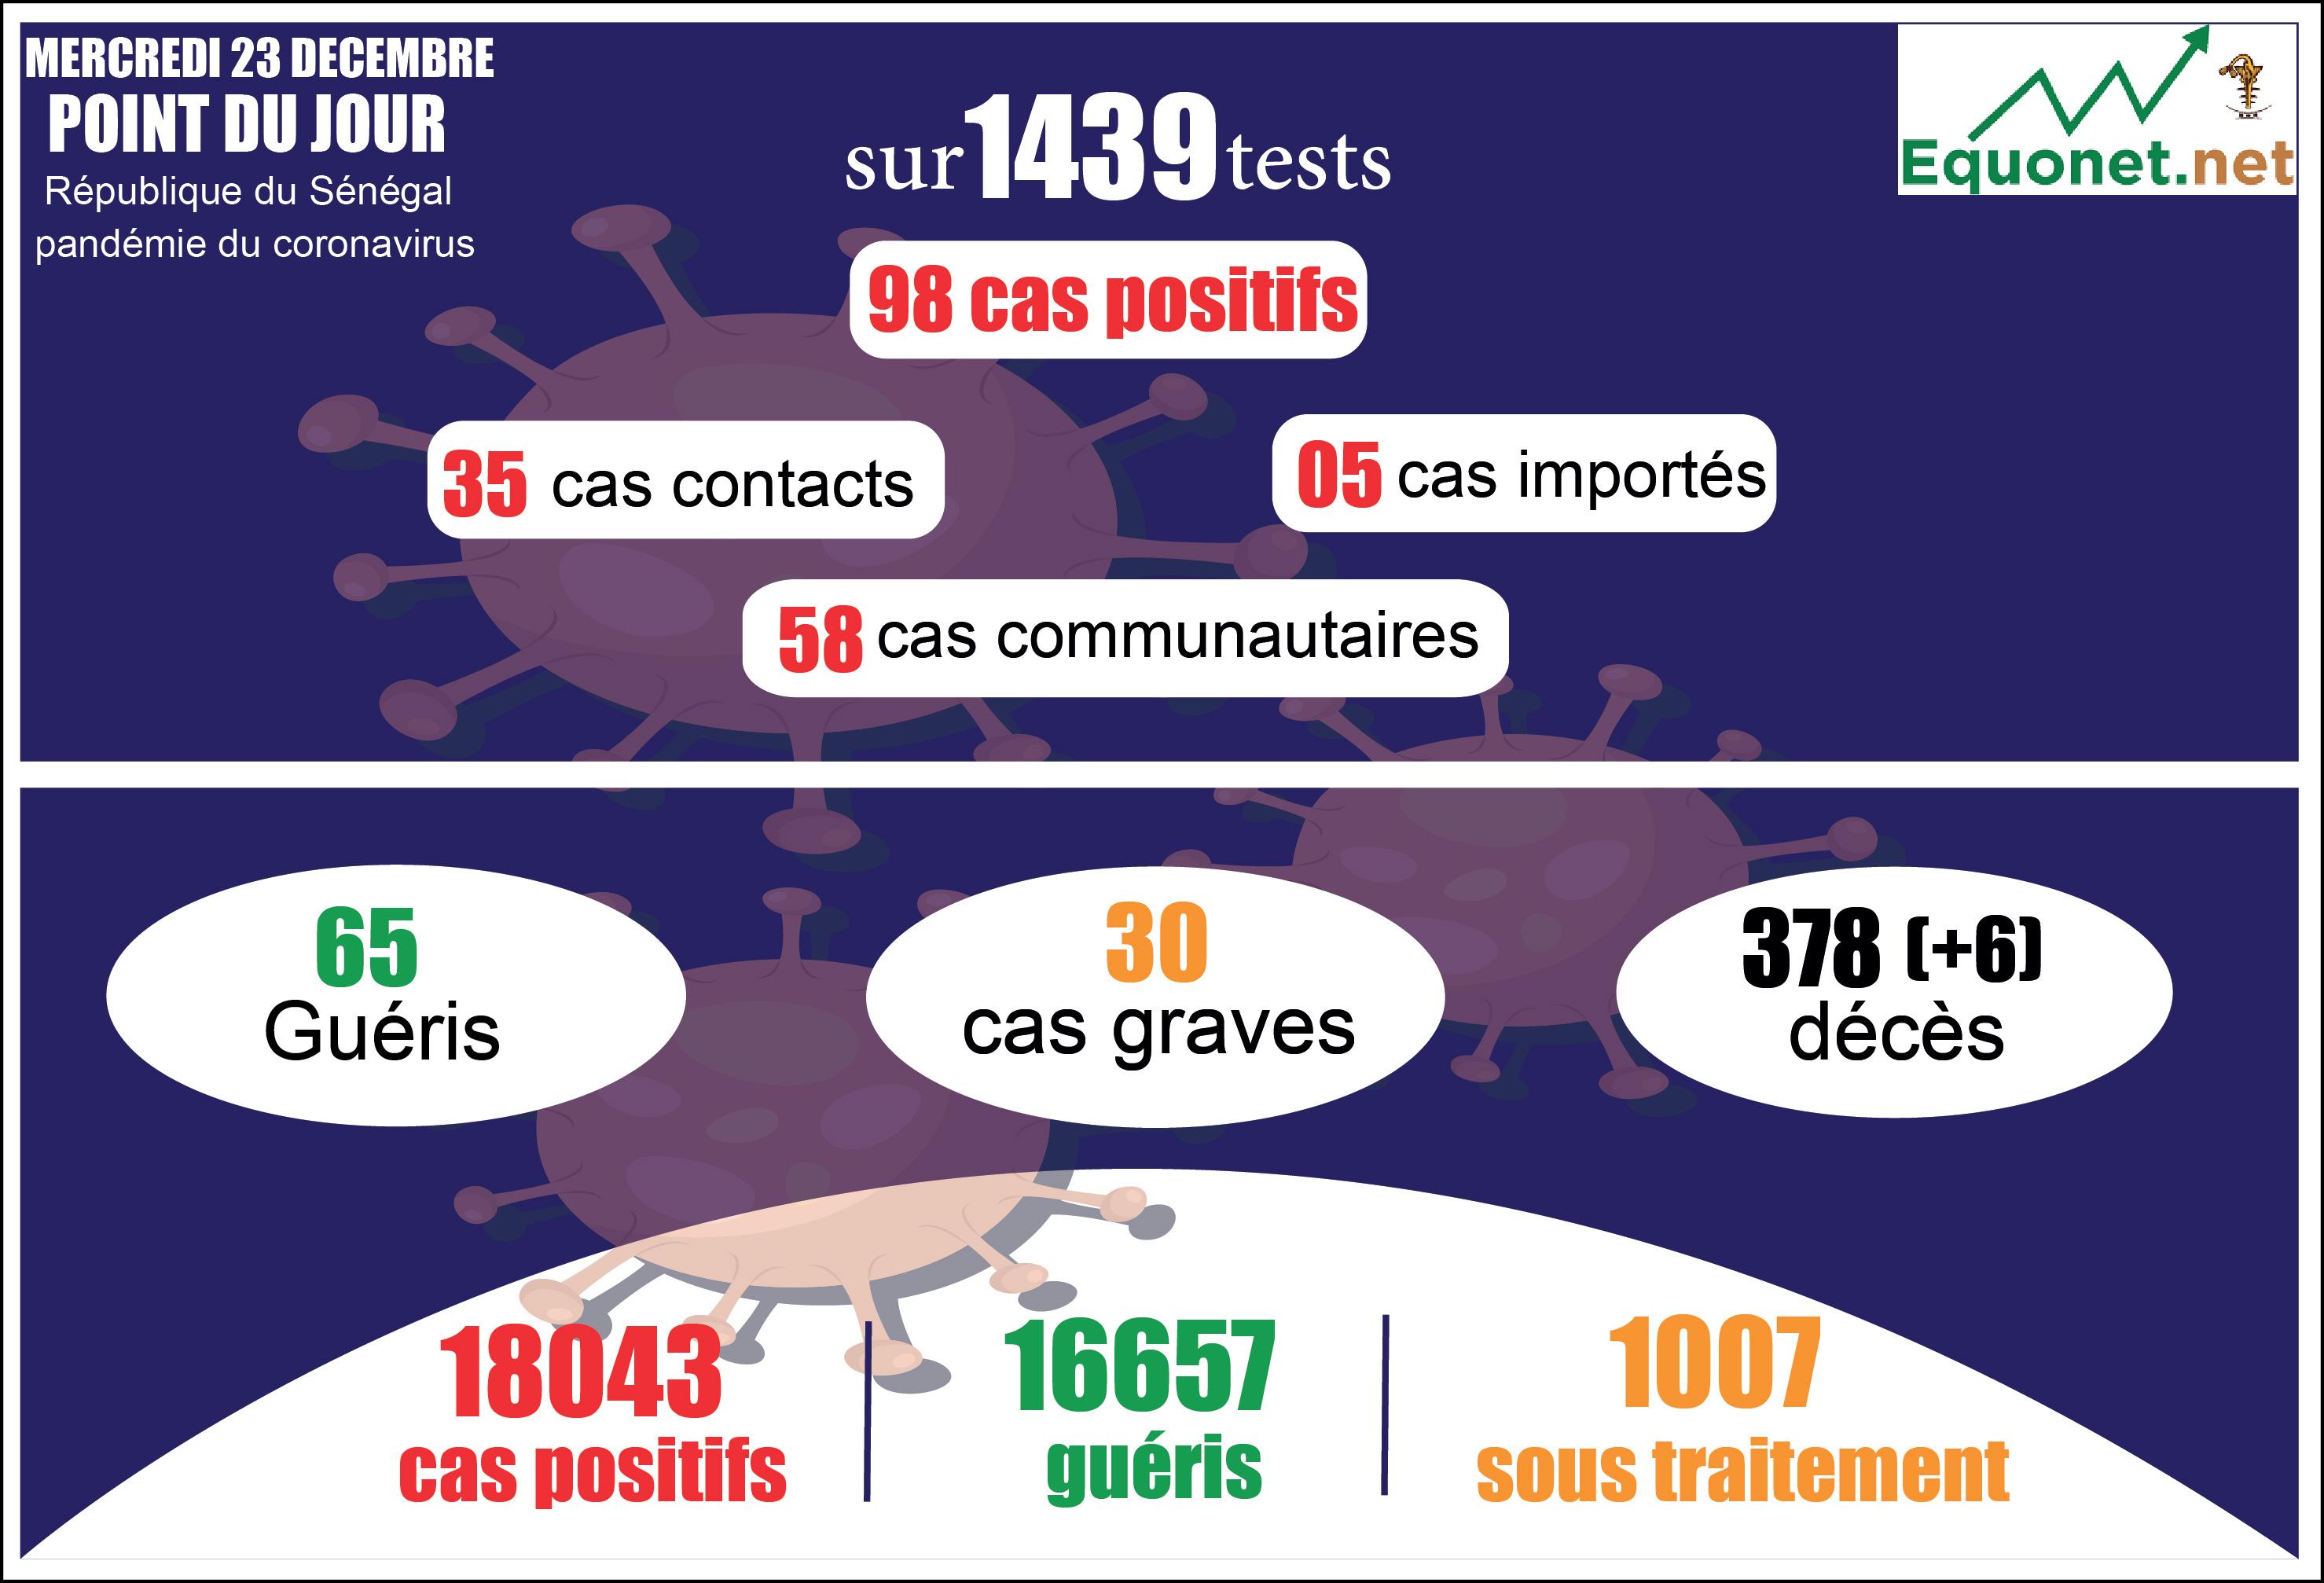 pandémie du coronavirus-covid-19 au sénégal : 58 cas communautaires ont été enregistrés ce mercredi 23 décembre 2020